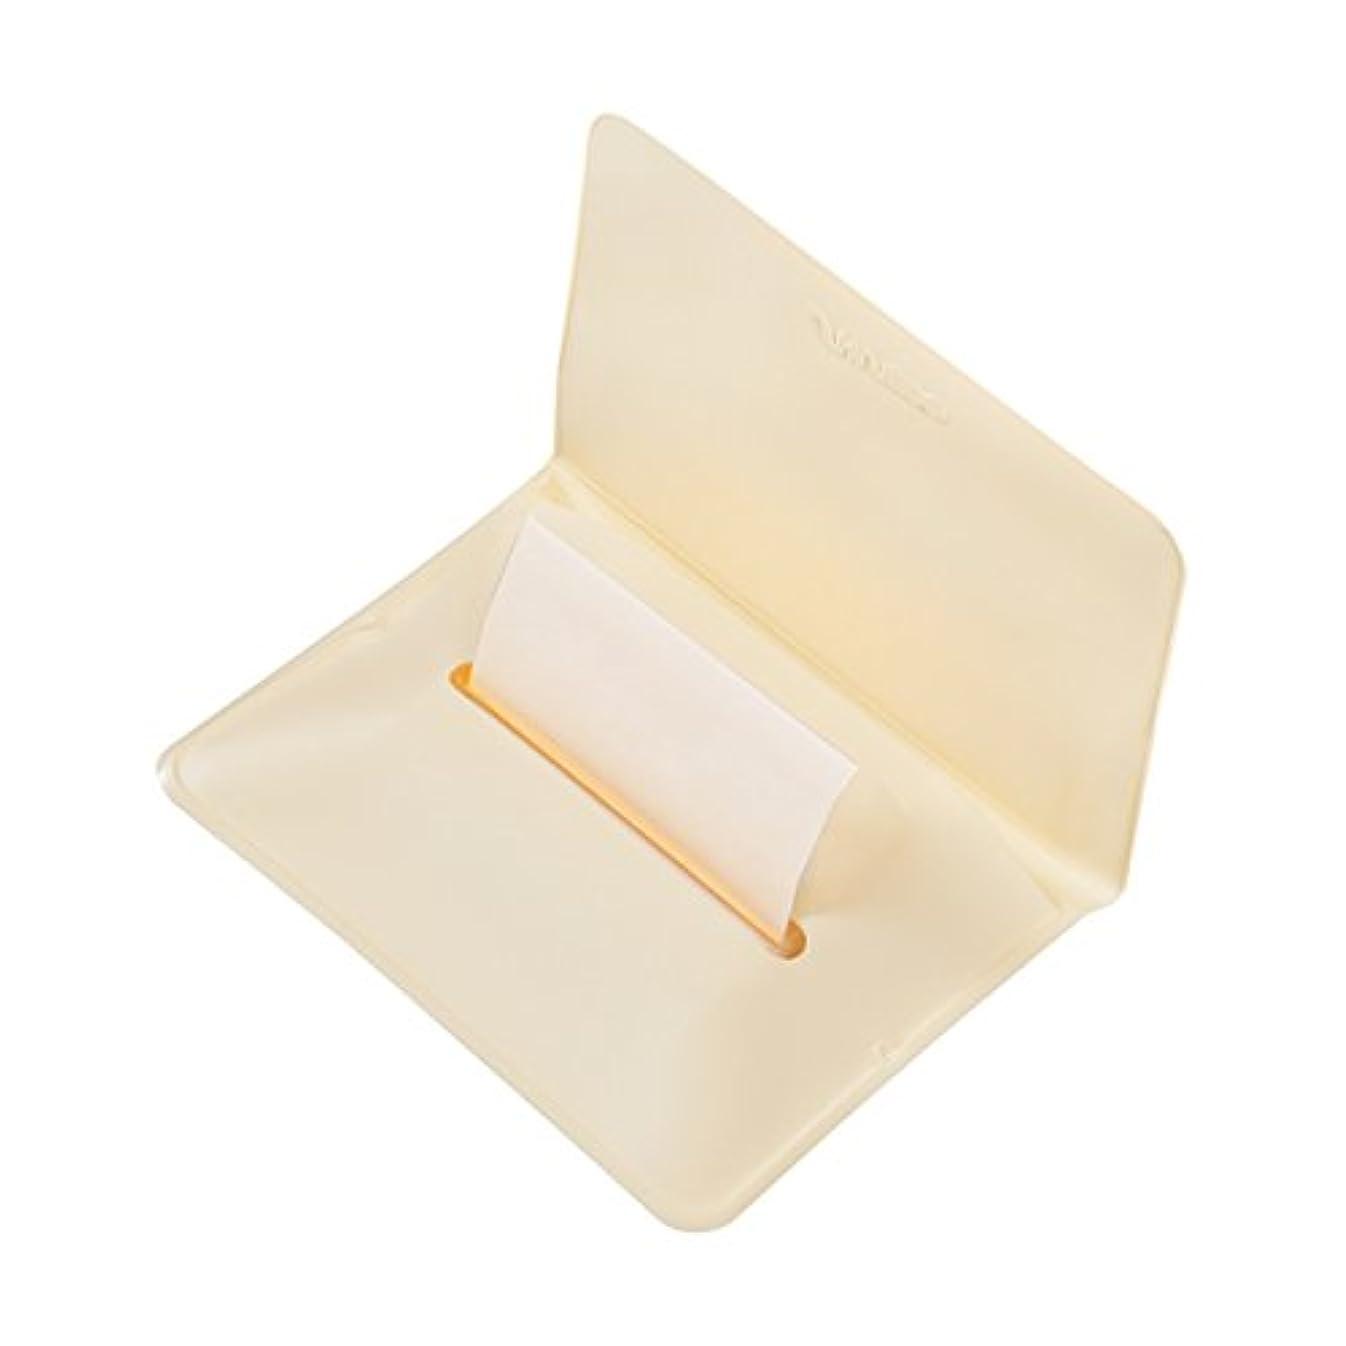 ゴミ箱を空にするまもなく健康的資生堂 紙おしろい(プルポップ)001 オークル 65枚入